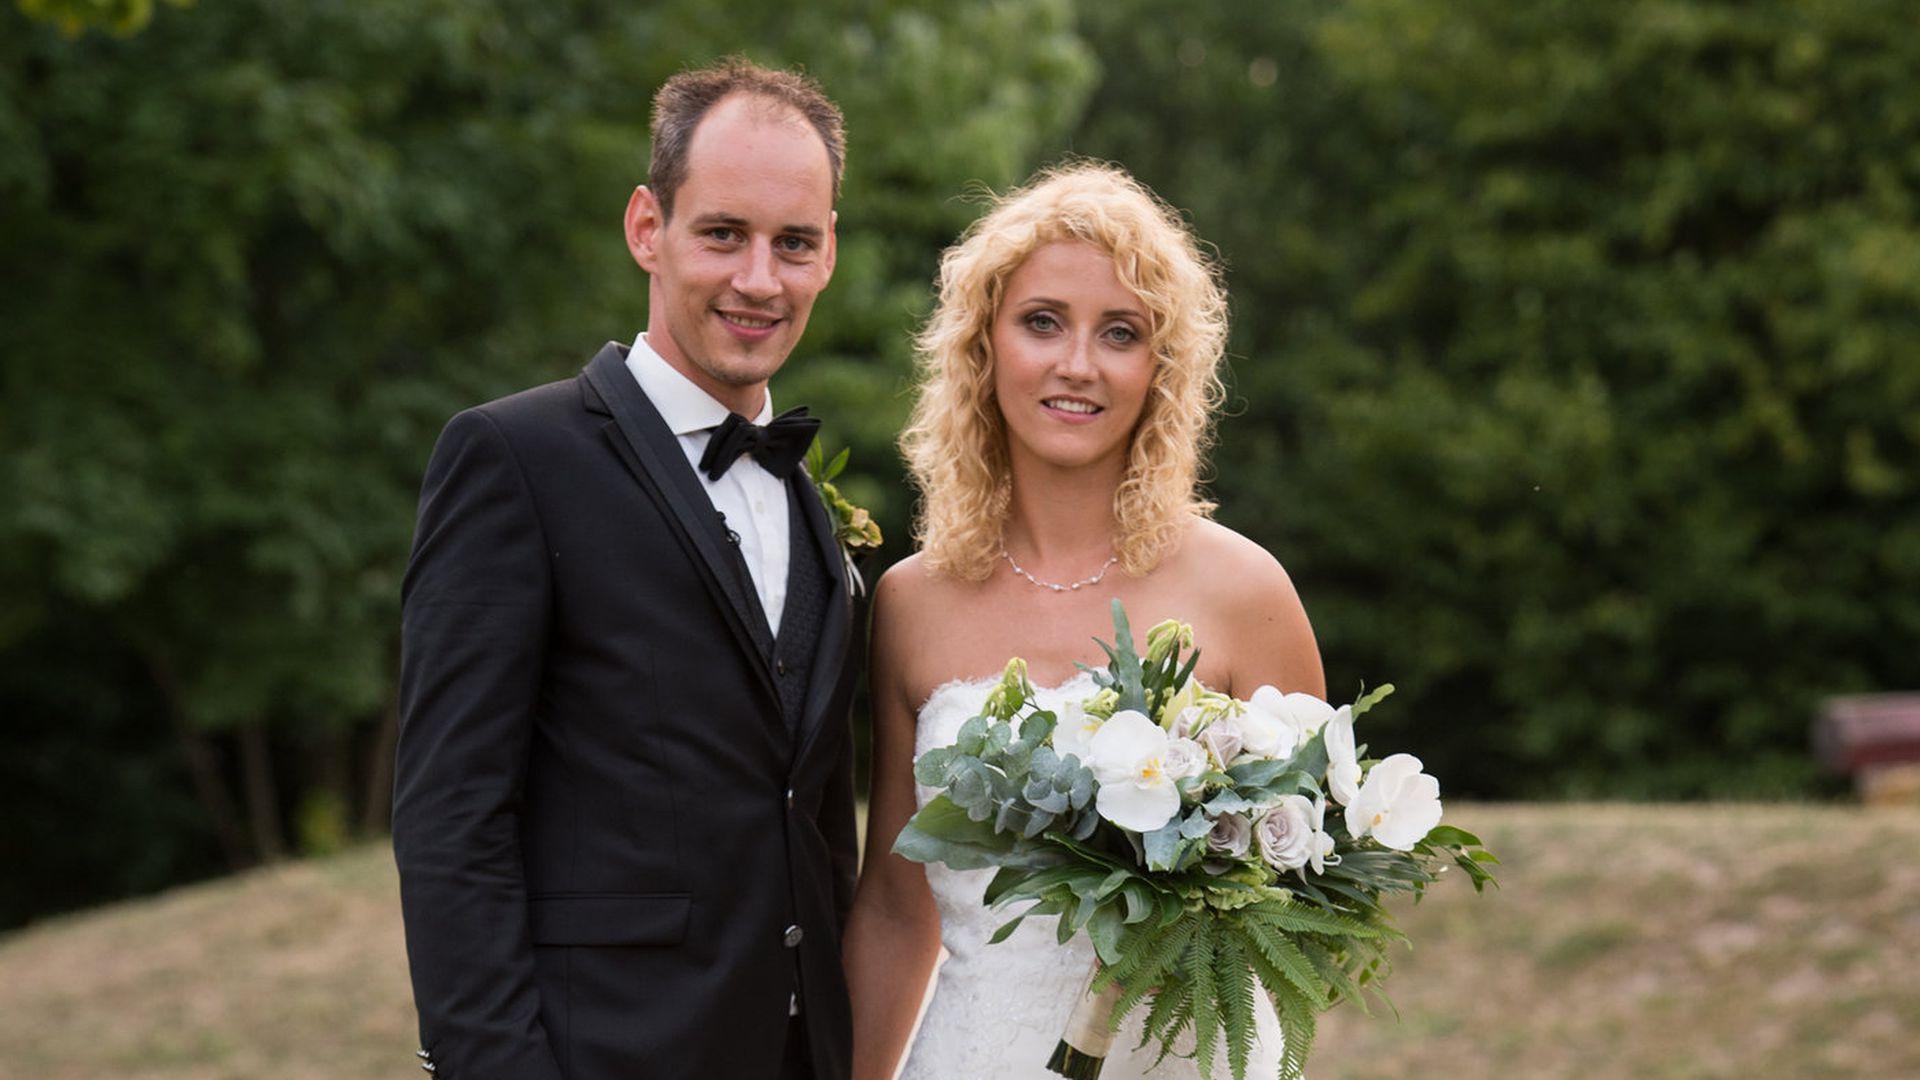 Diese Hochzeit Auf Den Ersten Blick Paare Lieben Sich Noch